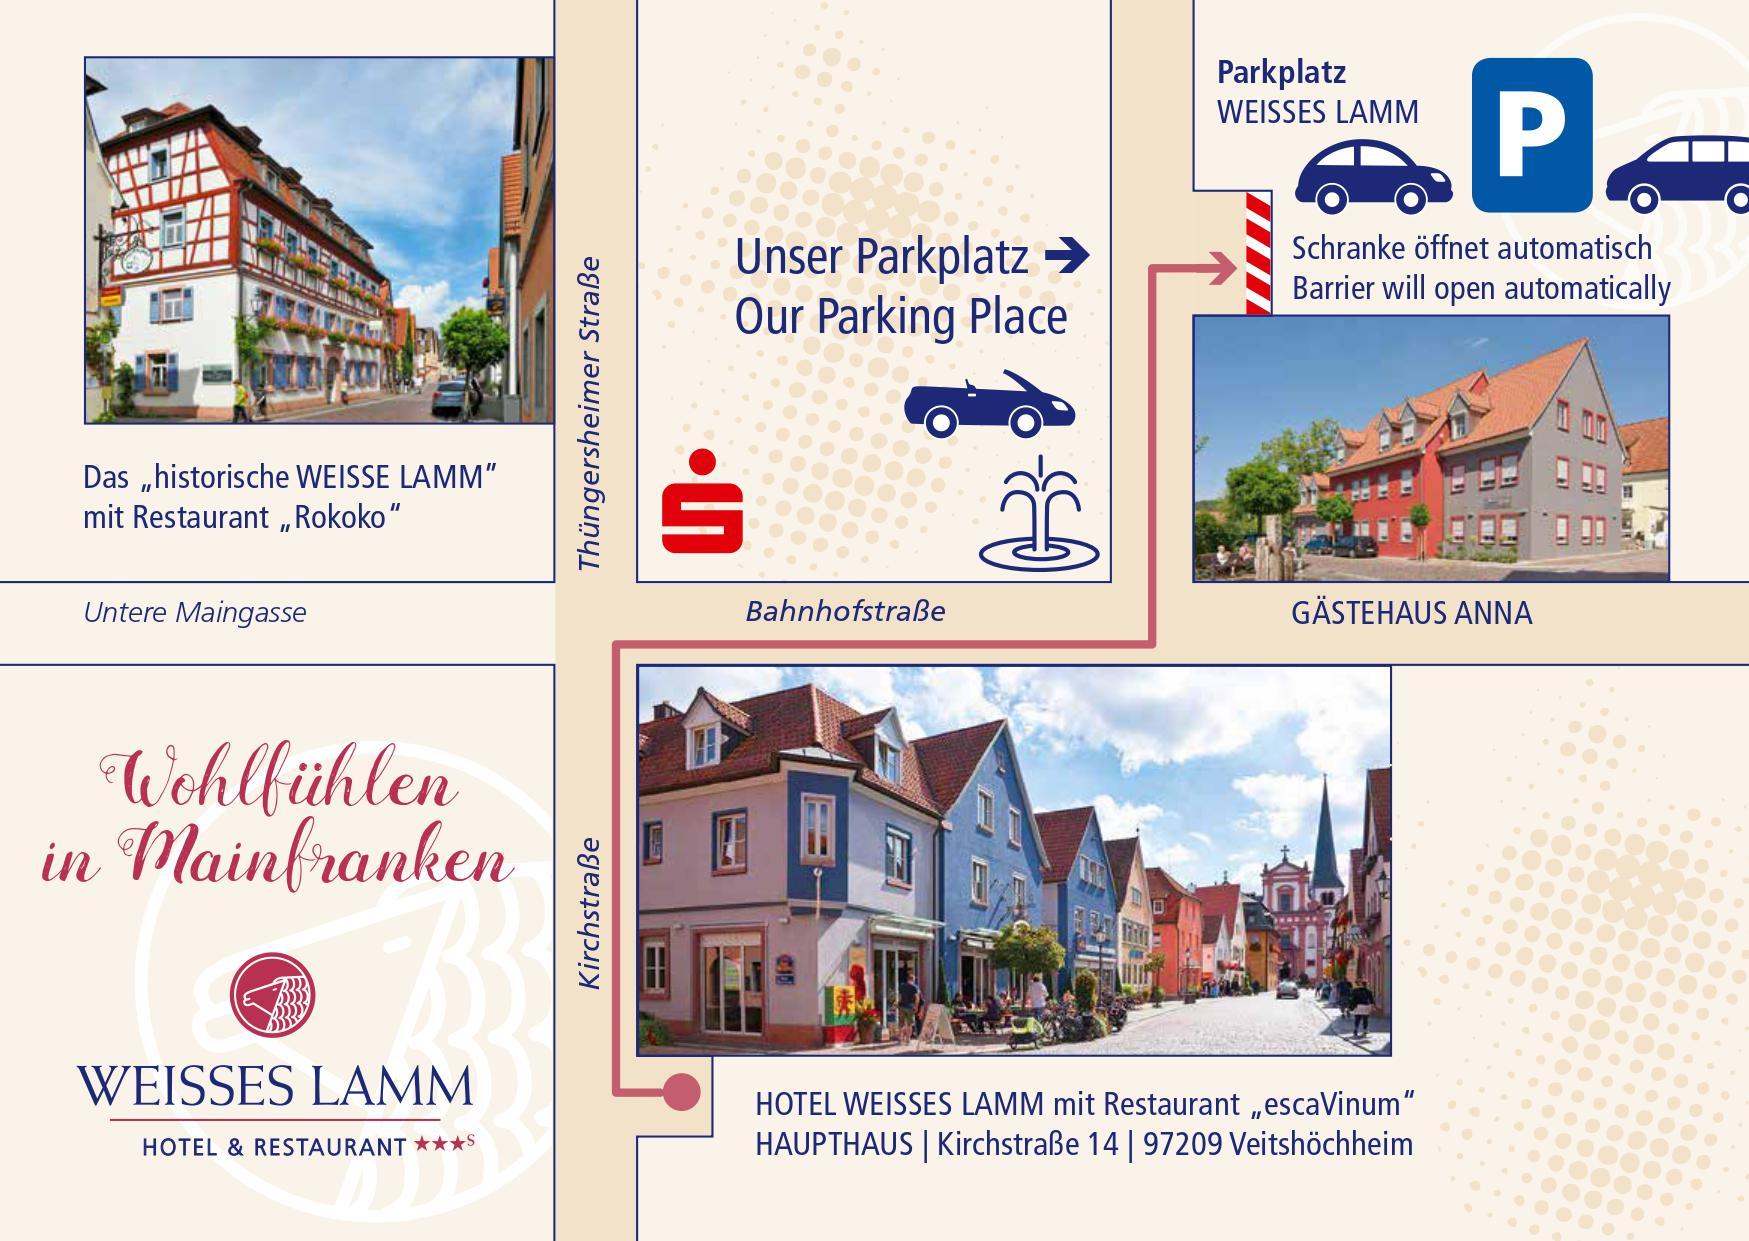 Parken Hotel Weisses lamm Veitshöchheim